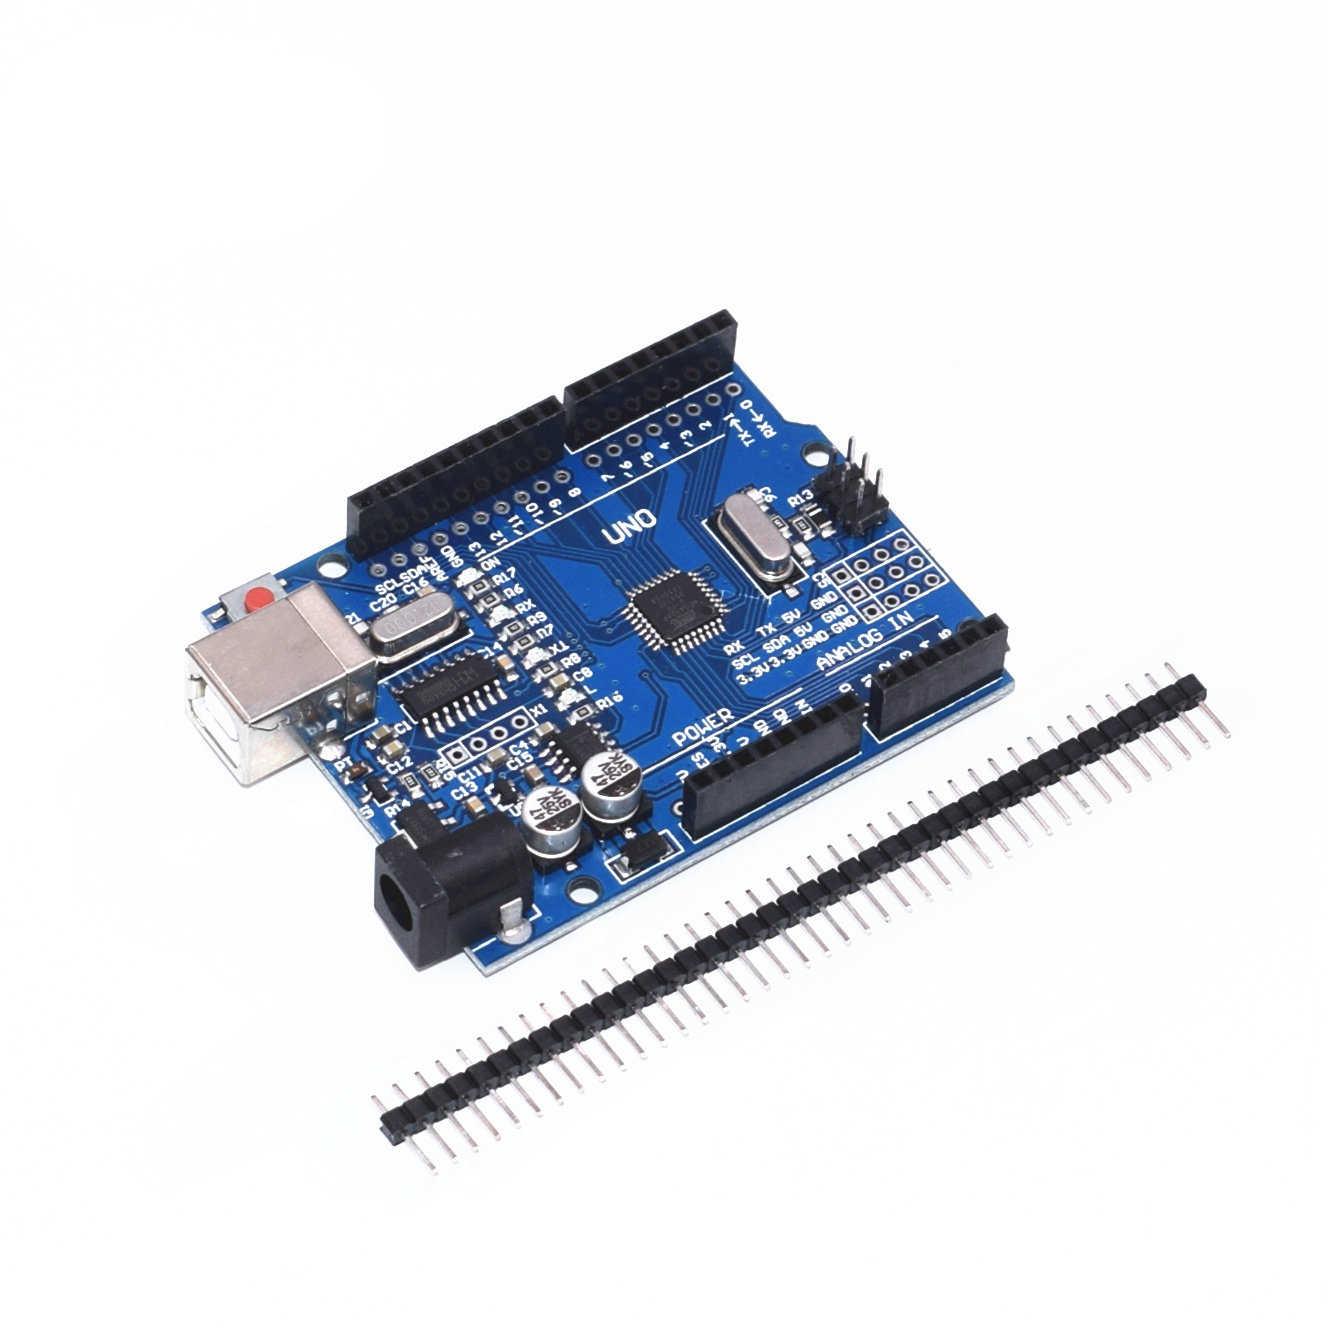 1 pièce bleu/rouge/noir 2.4 TFT module UNO R3 carte de développement avec CH340 ATMEGA328 câble USB pour Arduino